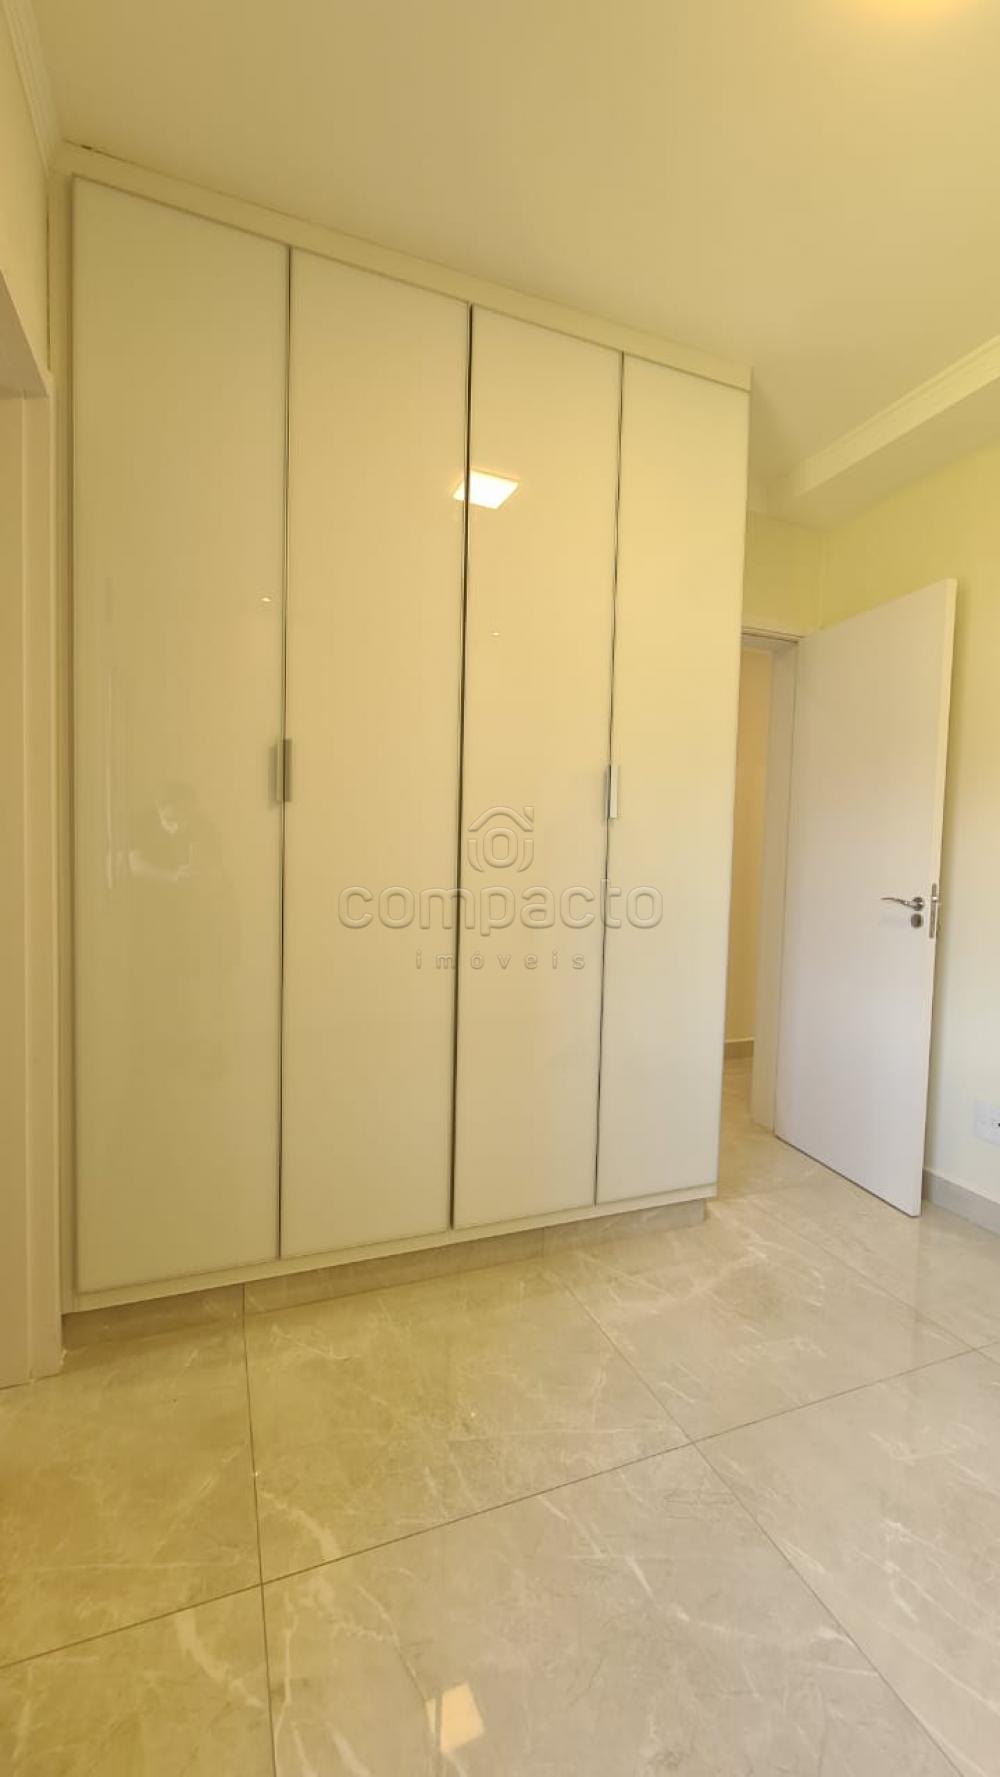 Alugar Apartamento / Padrão em São José do Rio Preto apenas R$ 3.600,00 - Foto 14